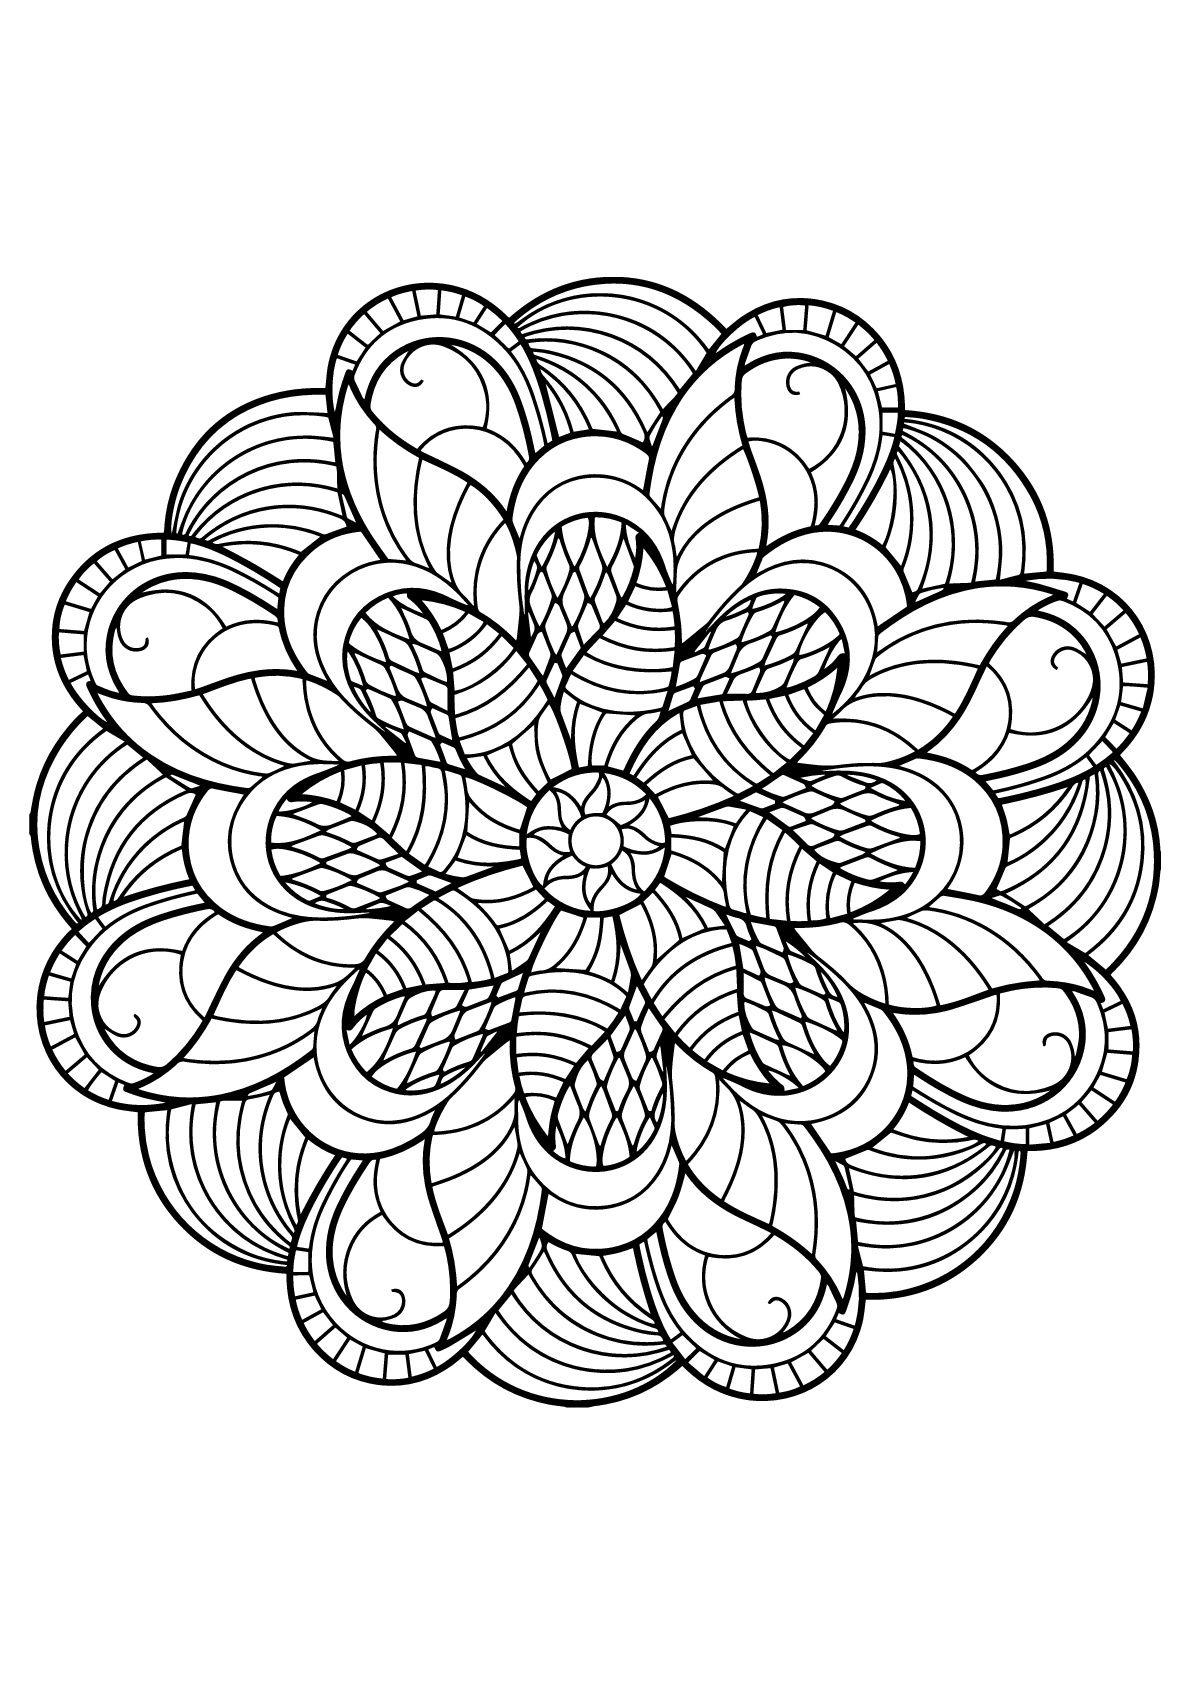 Mandala Livre Gratuit 6 - Mandala Tiré D'un Livre De intérieur Mandala À Colorier Et À Imprimer Gratuit